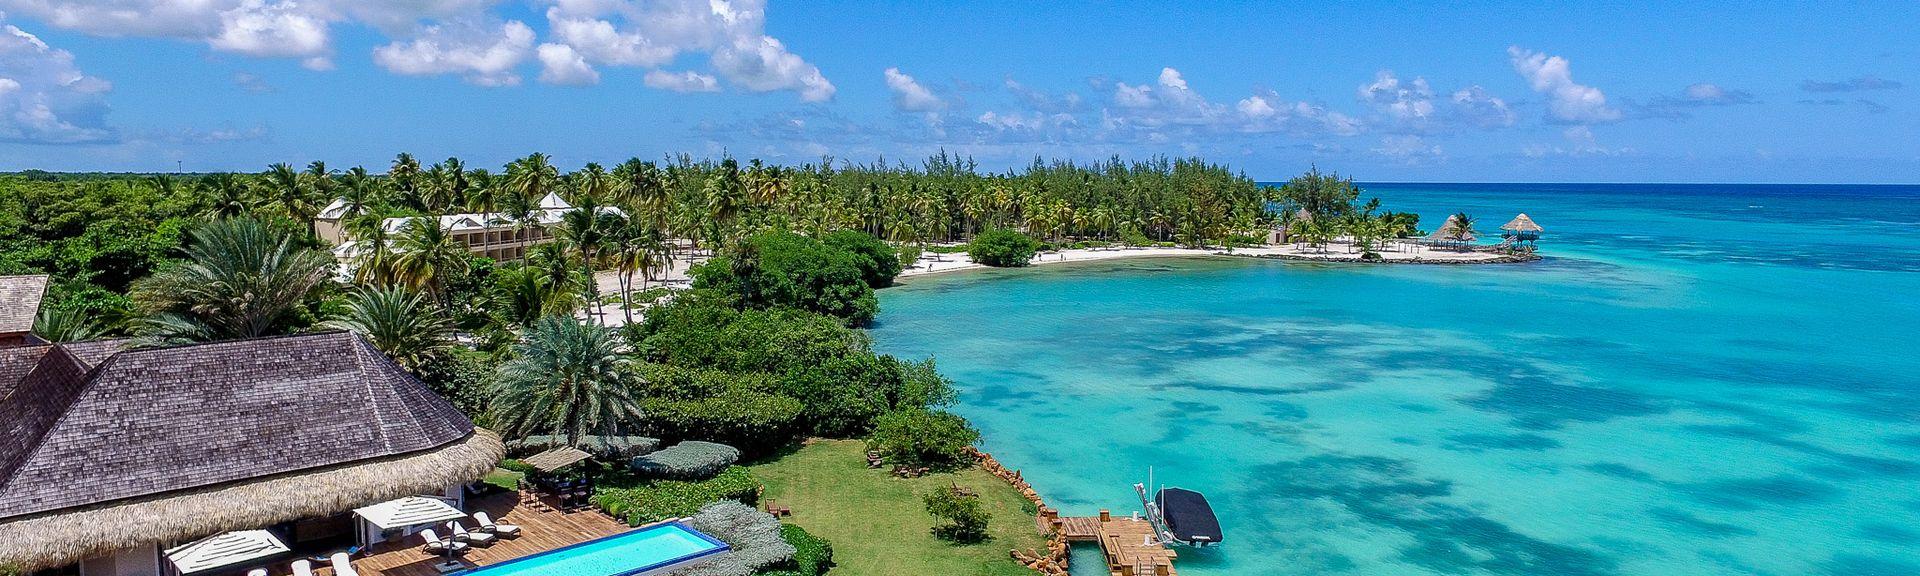 Los Corales Beach, Punta Cana, Dominican Republic